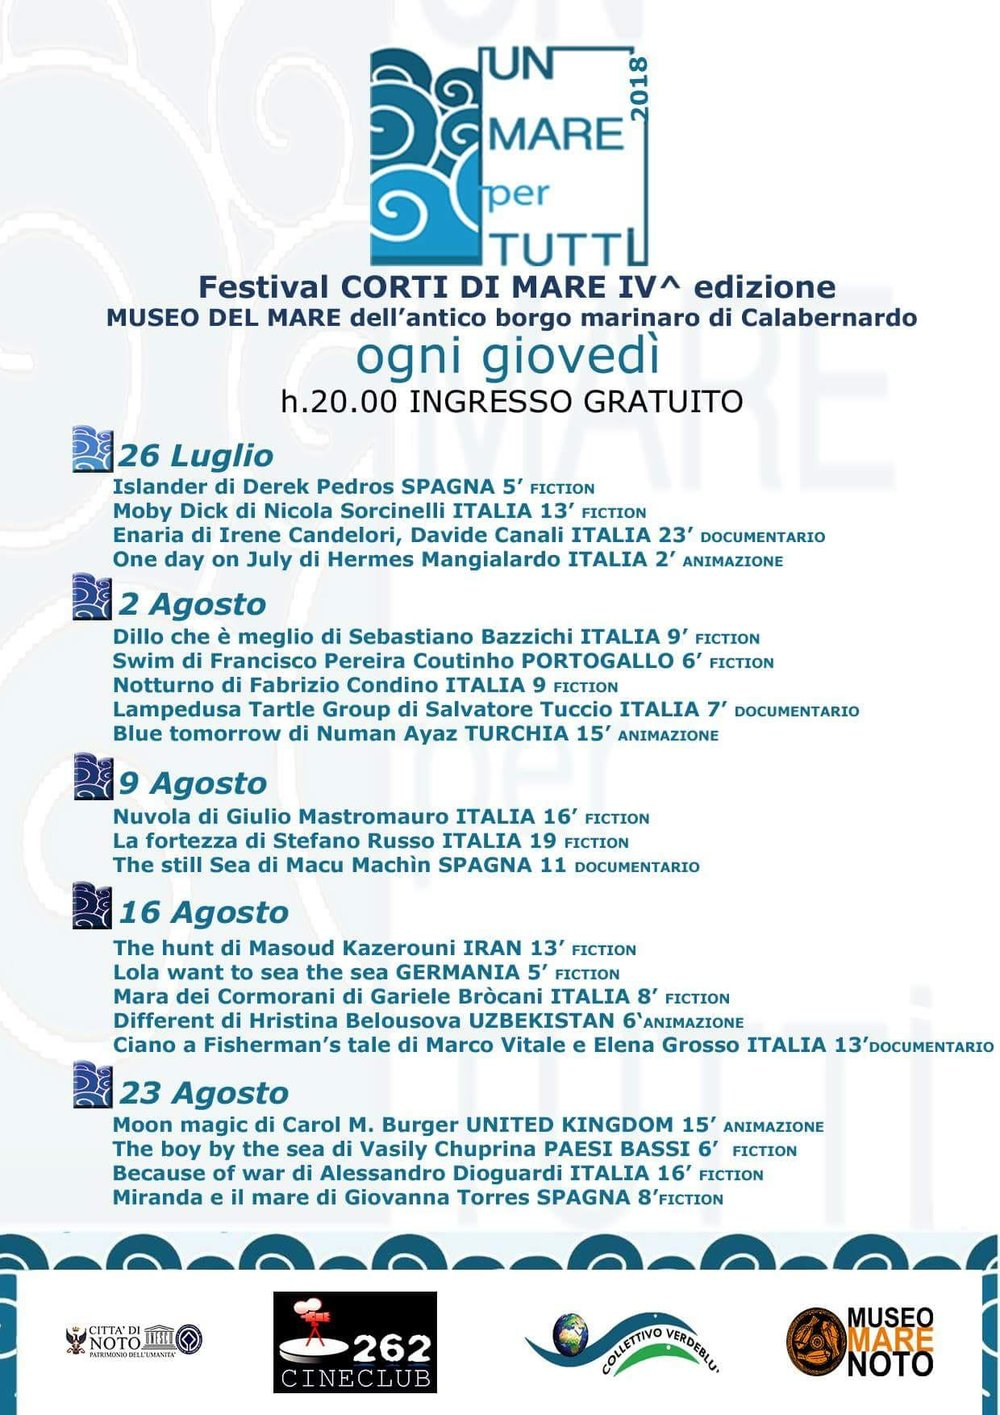 corti_di_mare_programm_lola.jpg